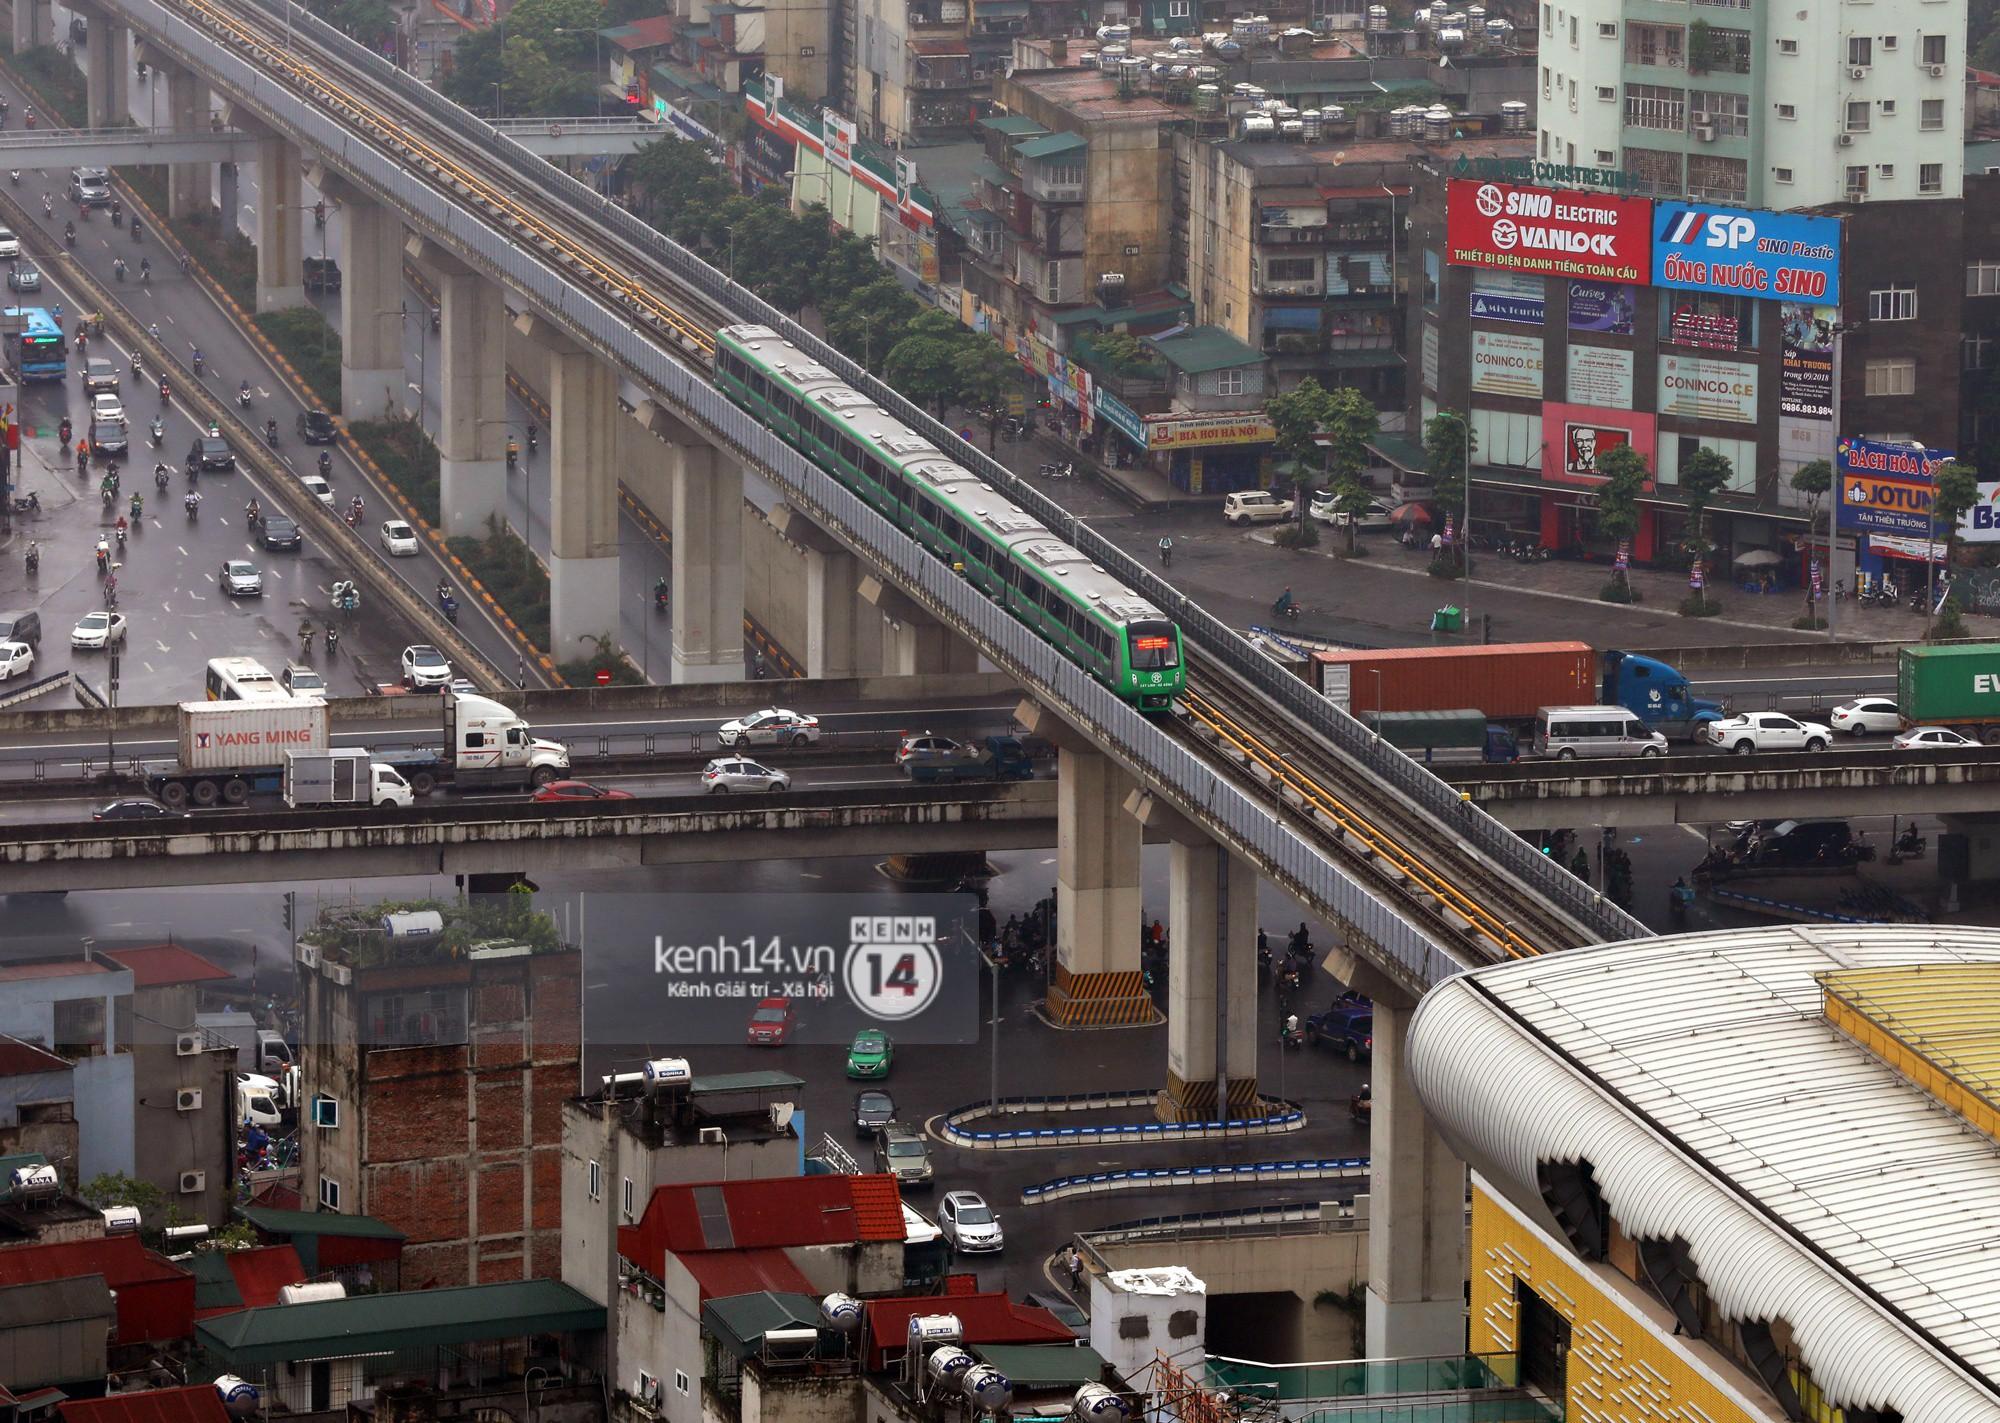 4 đoàn tàu đường sắt trên cao bất ngờ di chuyển trong mưa trước ngày chạy thử-15